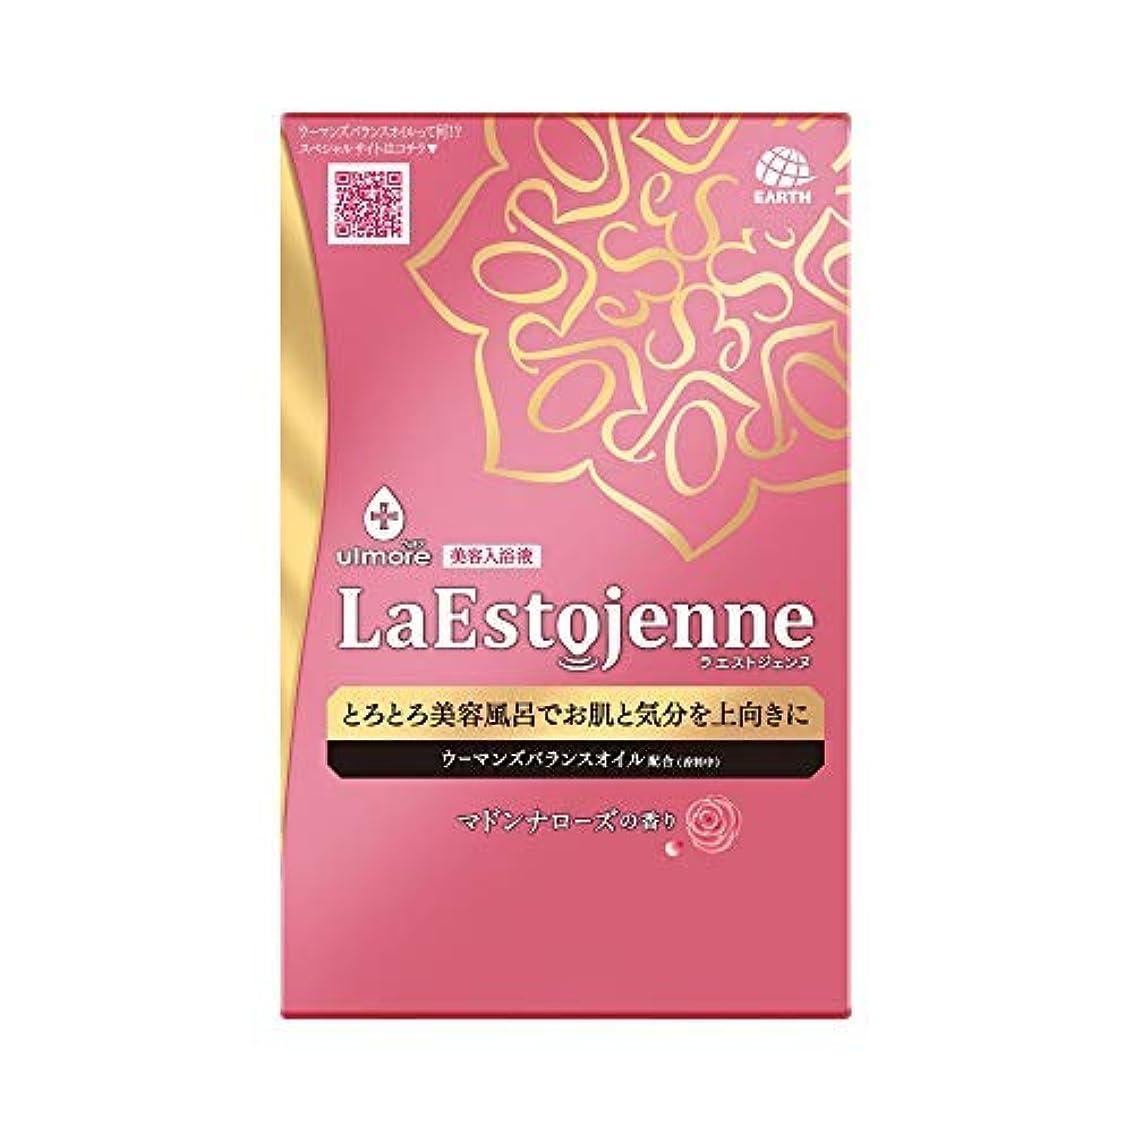 宿題をする期待する従順なウルモア ラエストジェンヌ マドンナローズの香り 3包入り × 8個セット